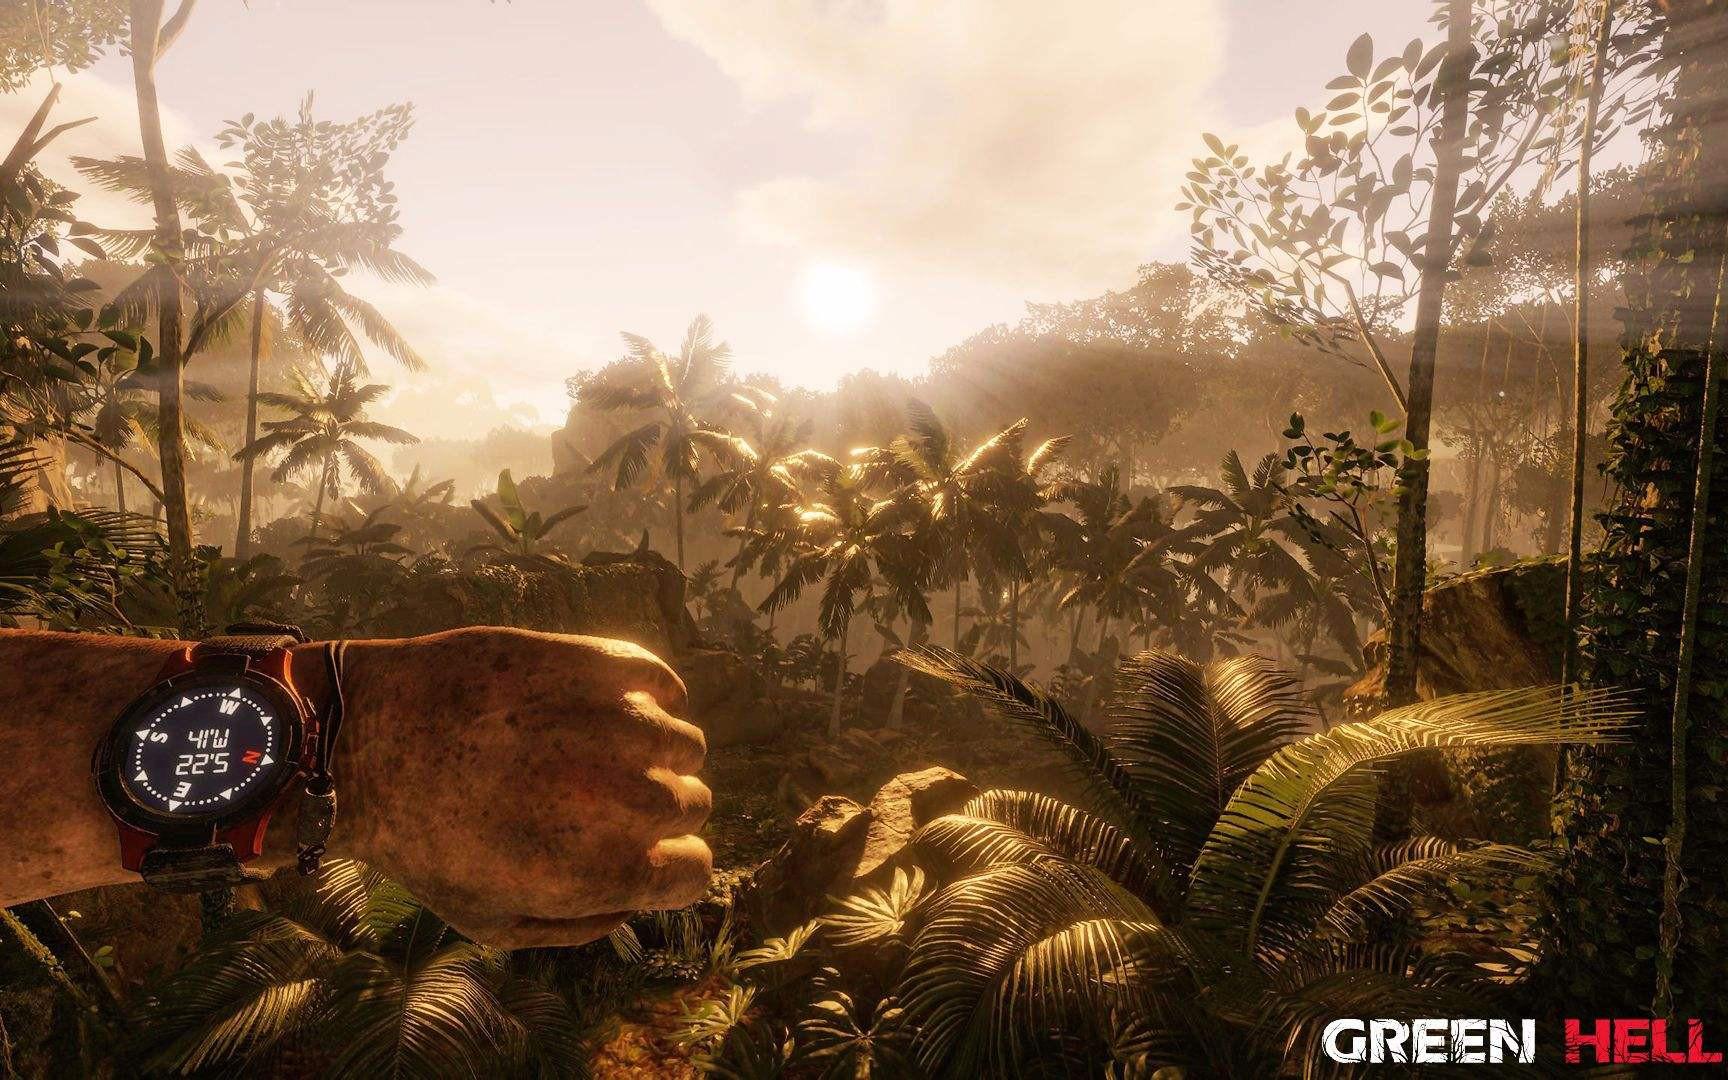 当《黎明觉醒》融合三种玩法之后,玩法类似还是问题吗?